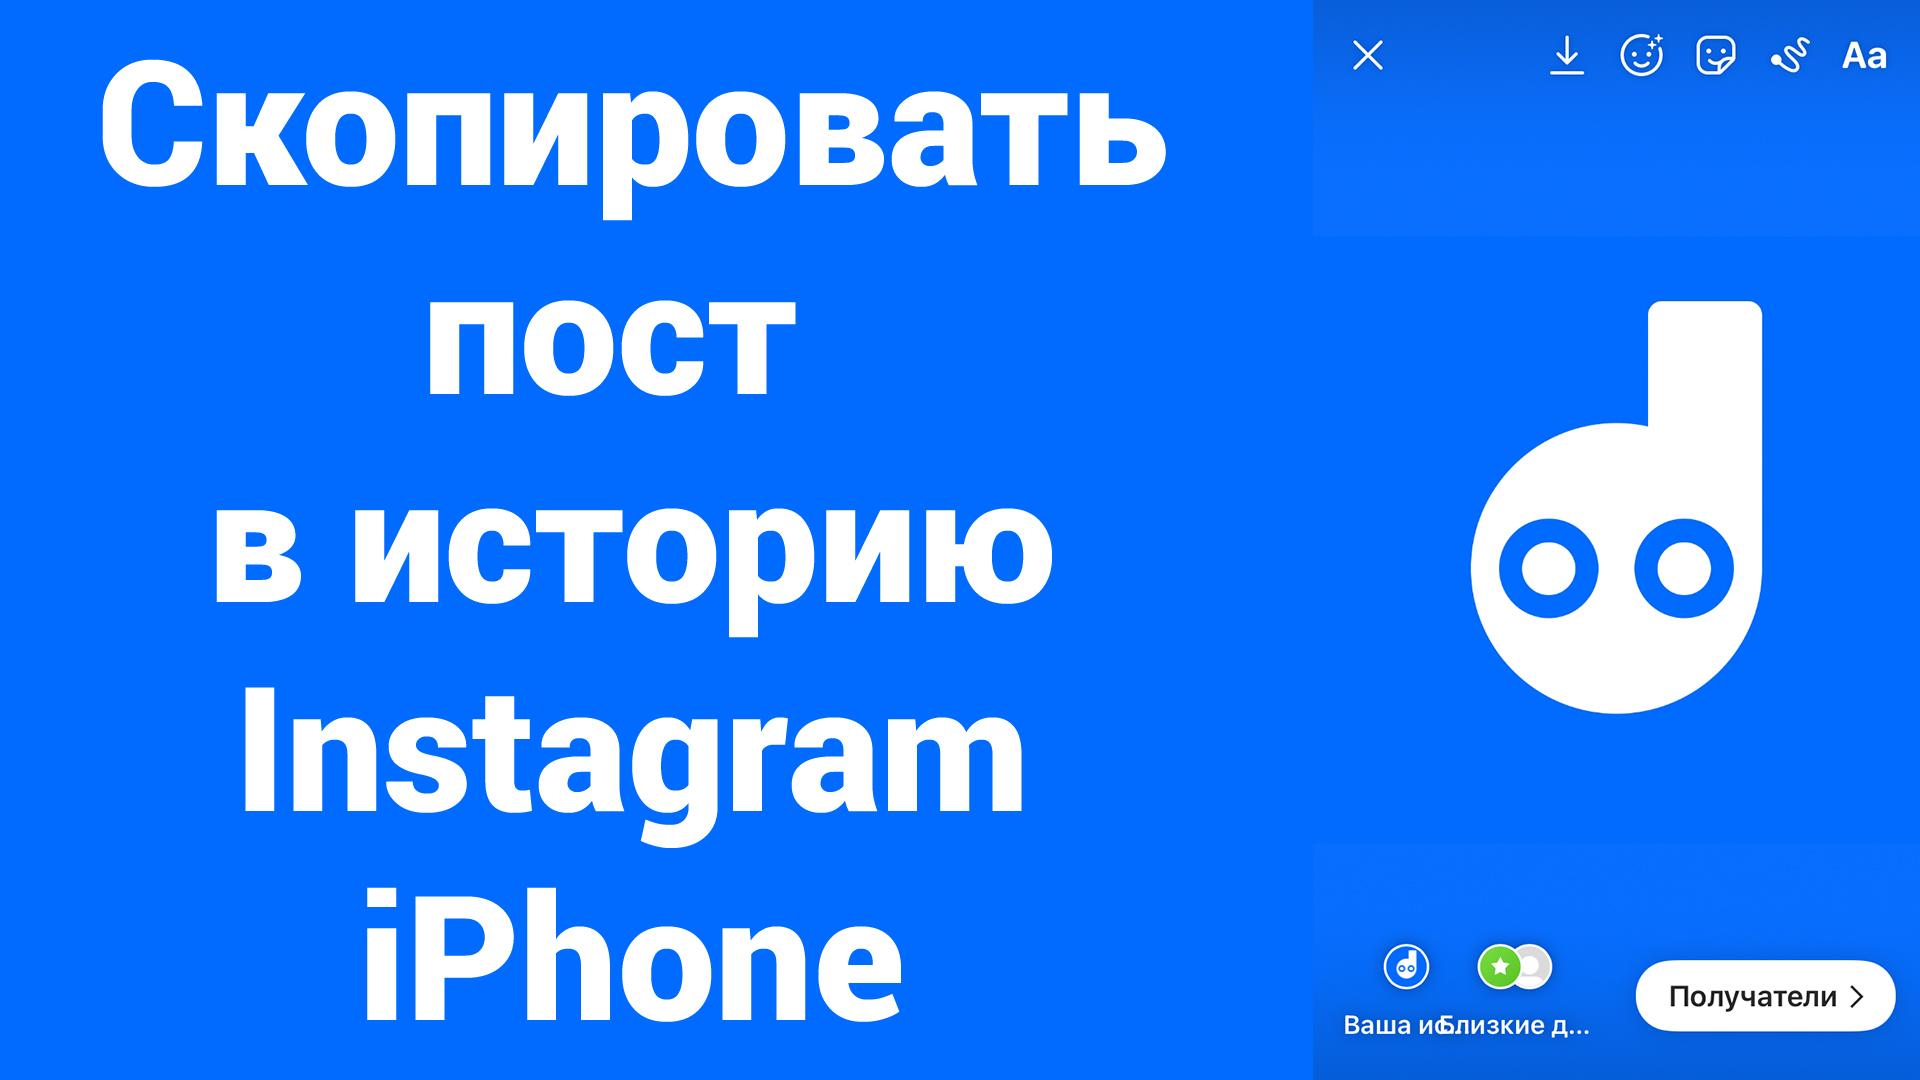 Как поделиться публикацией (постом) Instagram в своей истории (сторис) iPhone